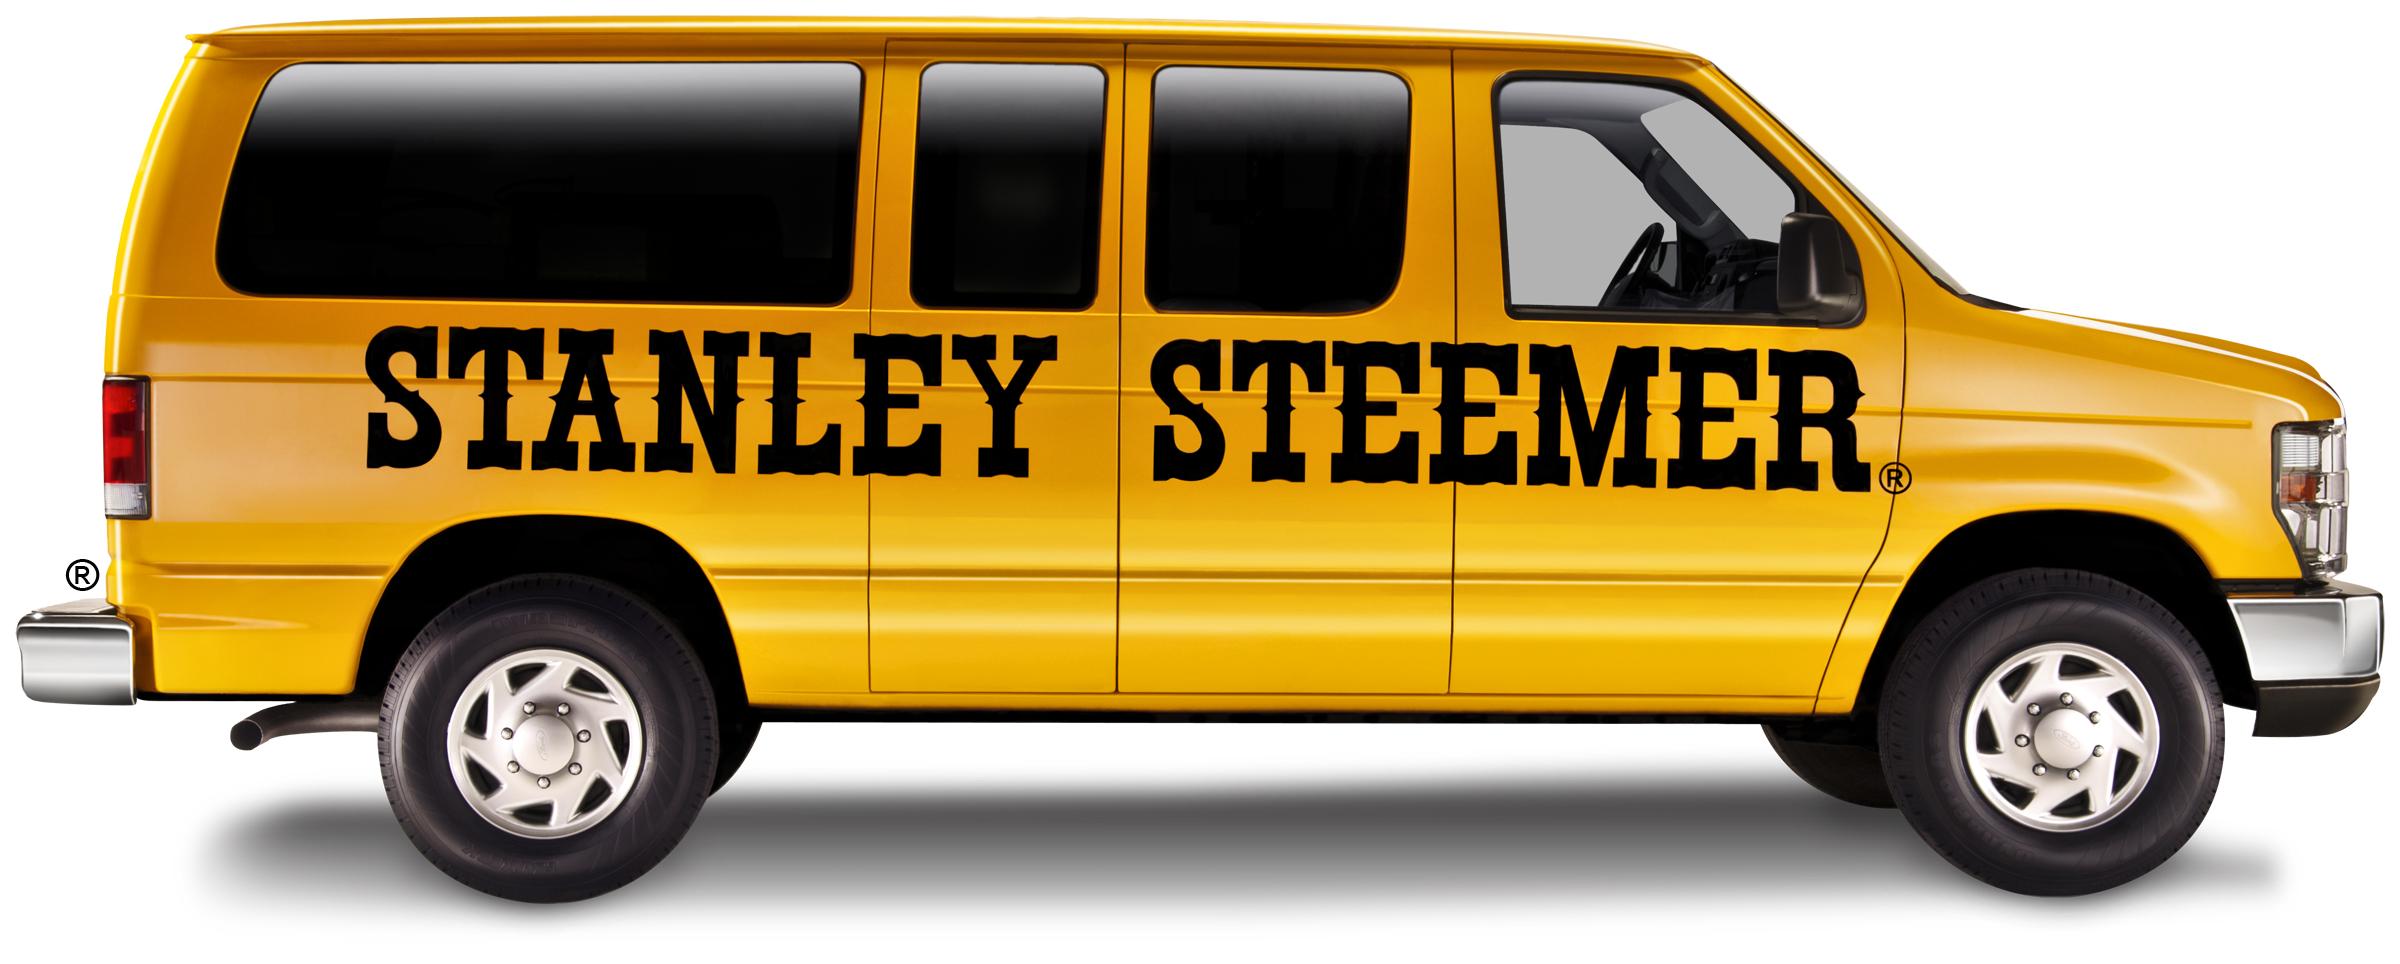 Stanley Steamer Van lettering